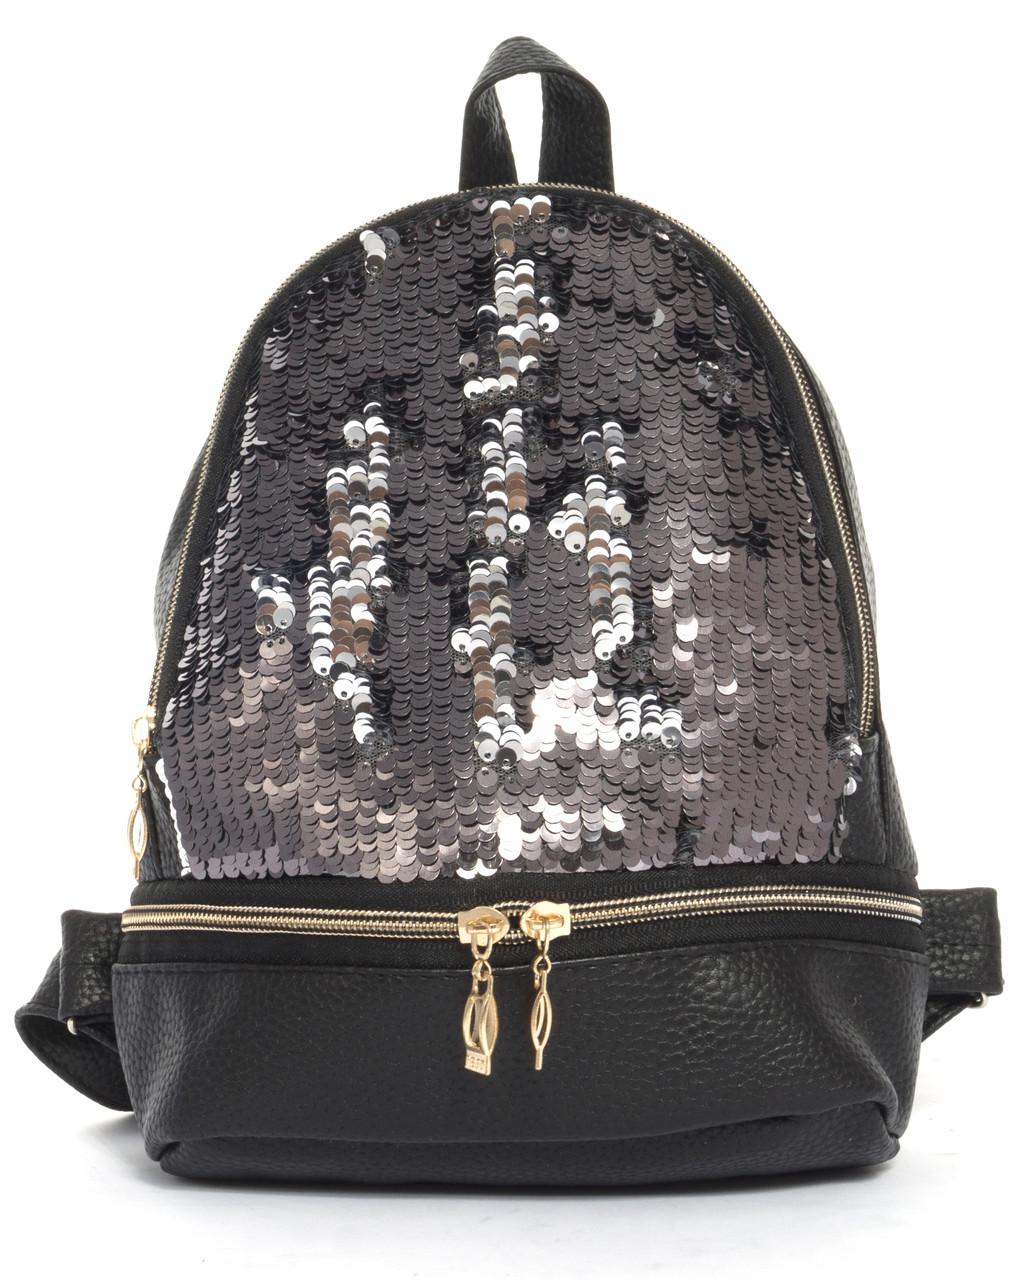 bce8391016ad Стильный маленький женский рюкзачок с блестящими паетками art. 31 (103463)  черный/серебро